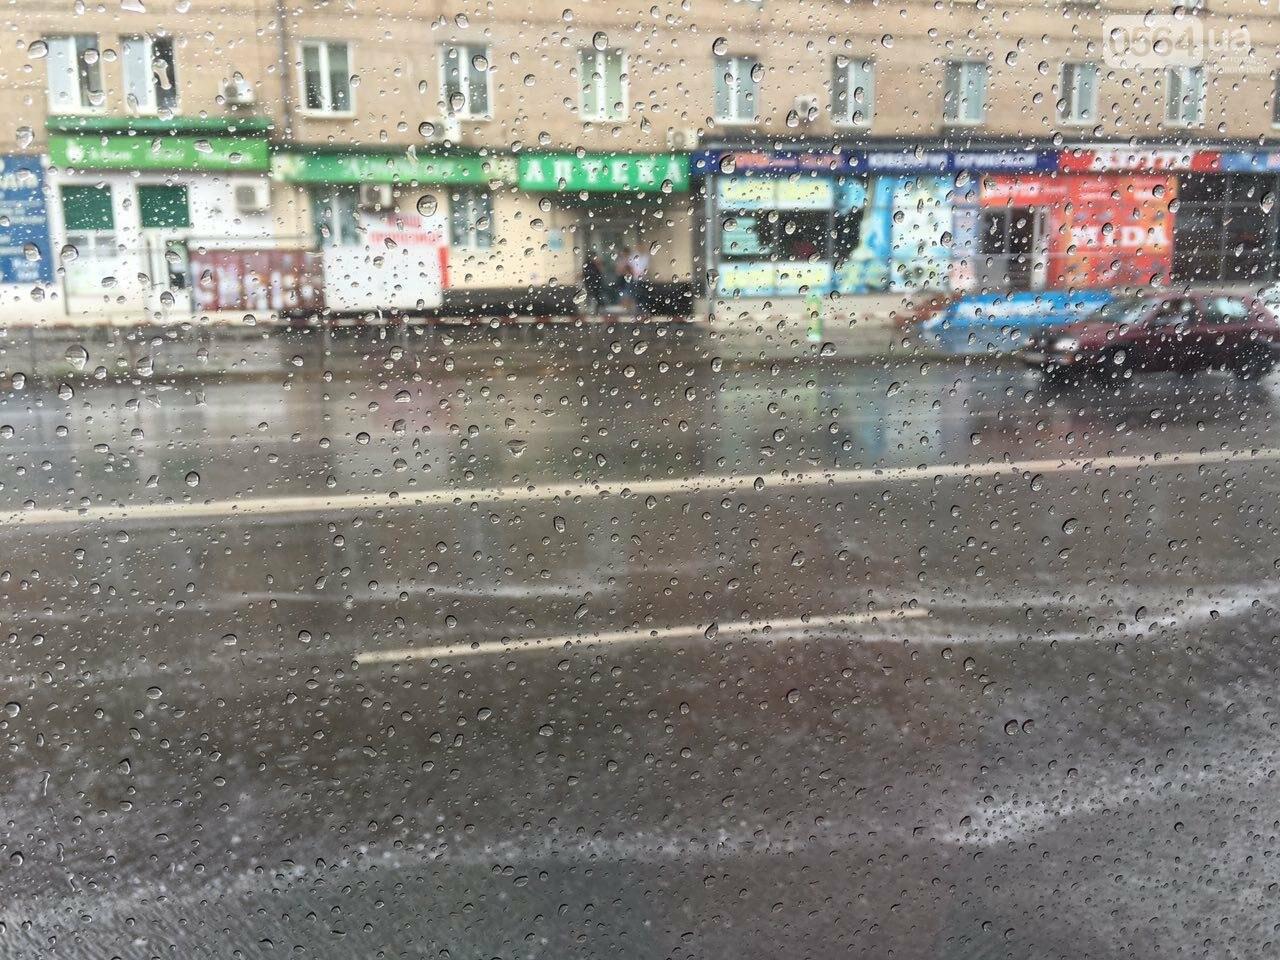 Маршрут дождя: В Кривом Роге в одних районах льет ливень, в других ярко светит солнце, - ФОТО, фото-20